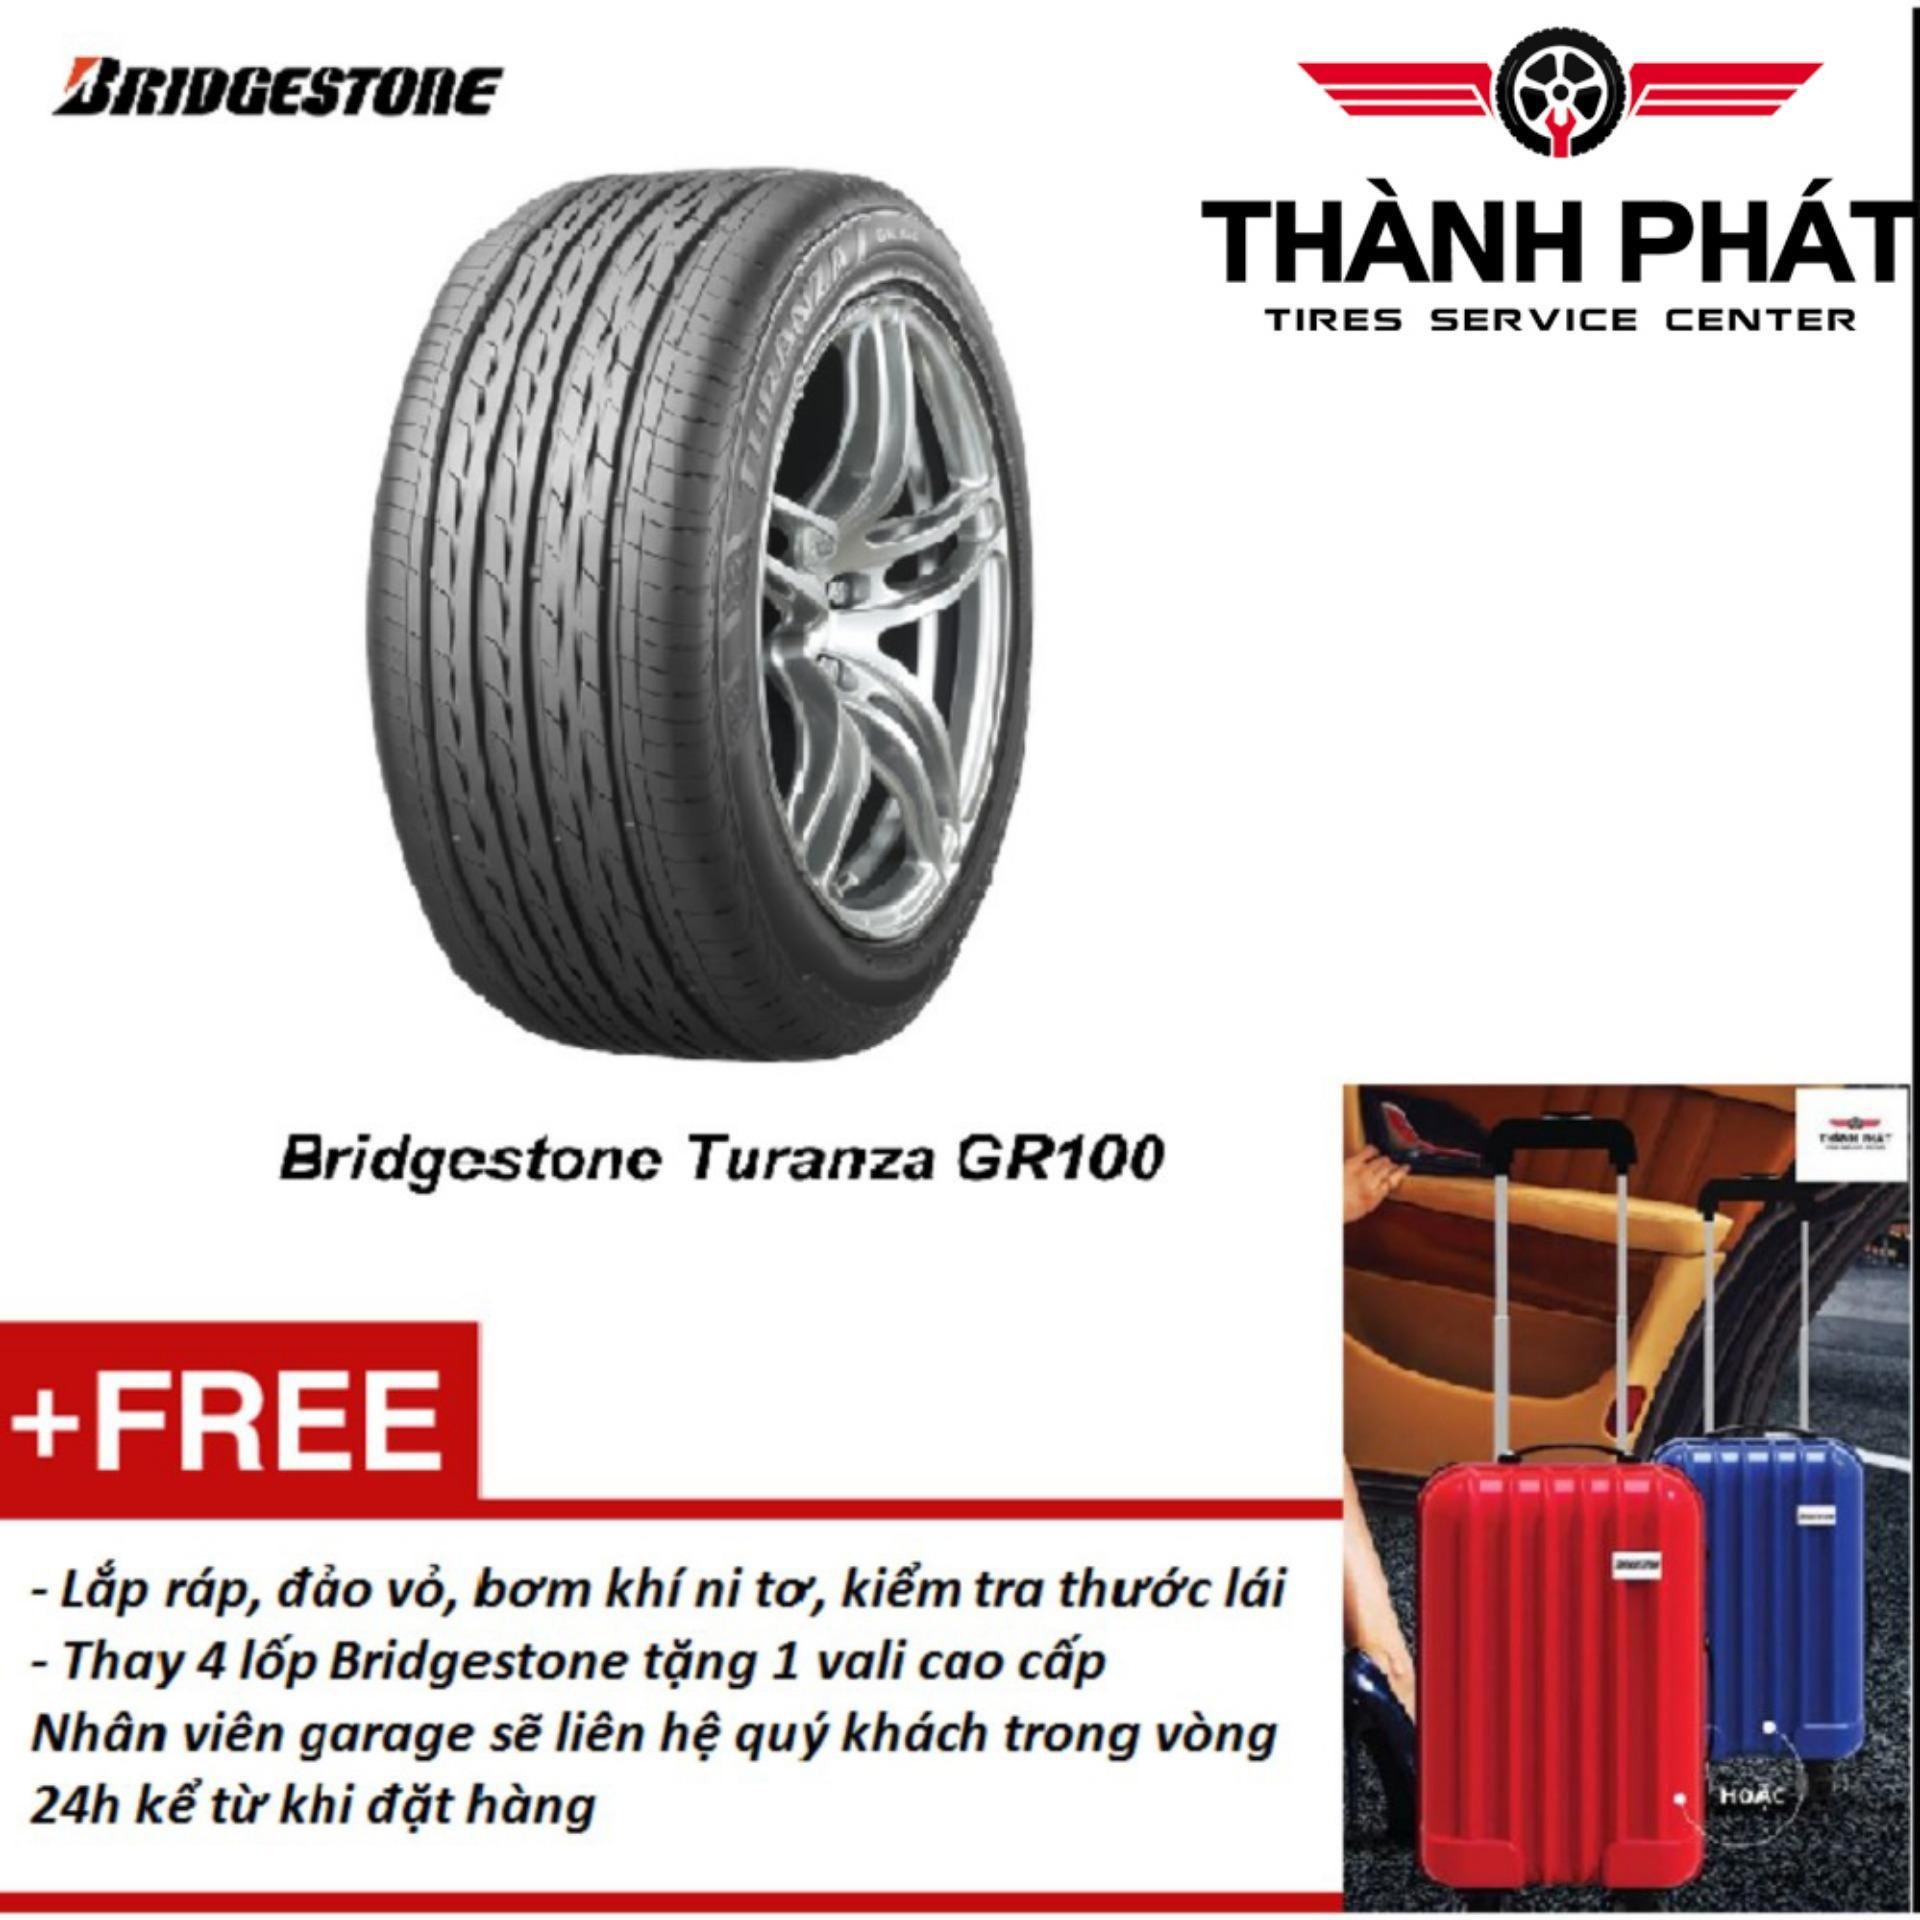 Lốp xe ô tô Bridgestone Turanza 225/55R17 Miễn phí lắp đặt Nhật Bản